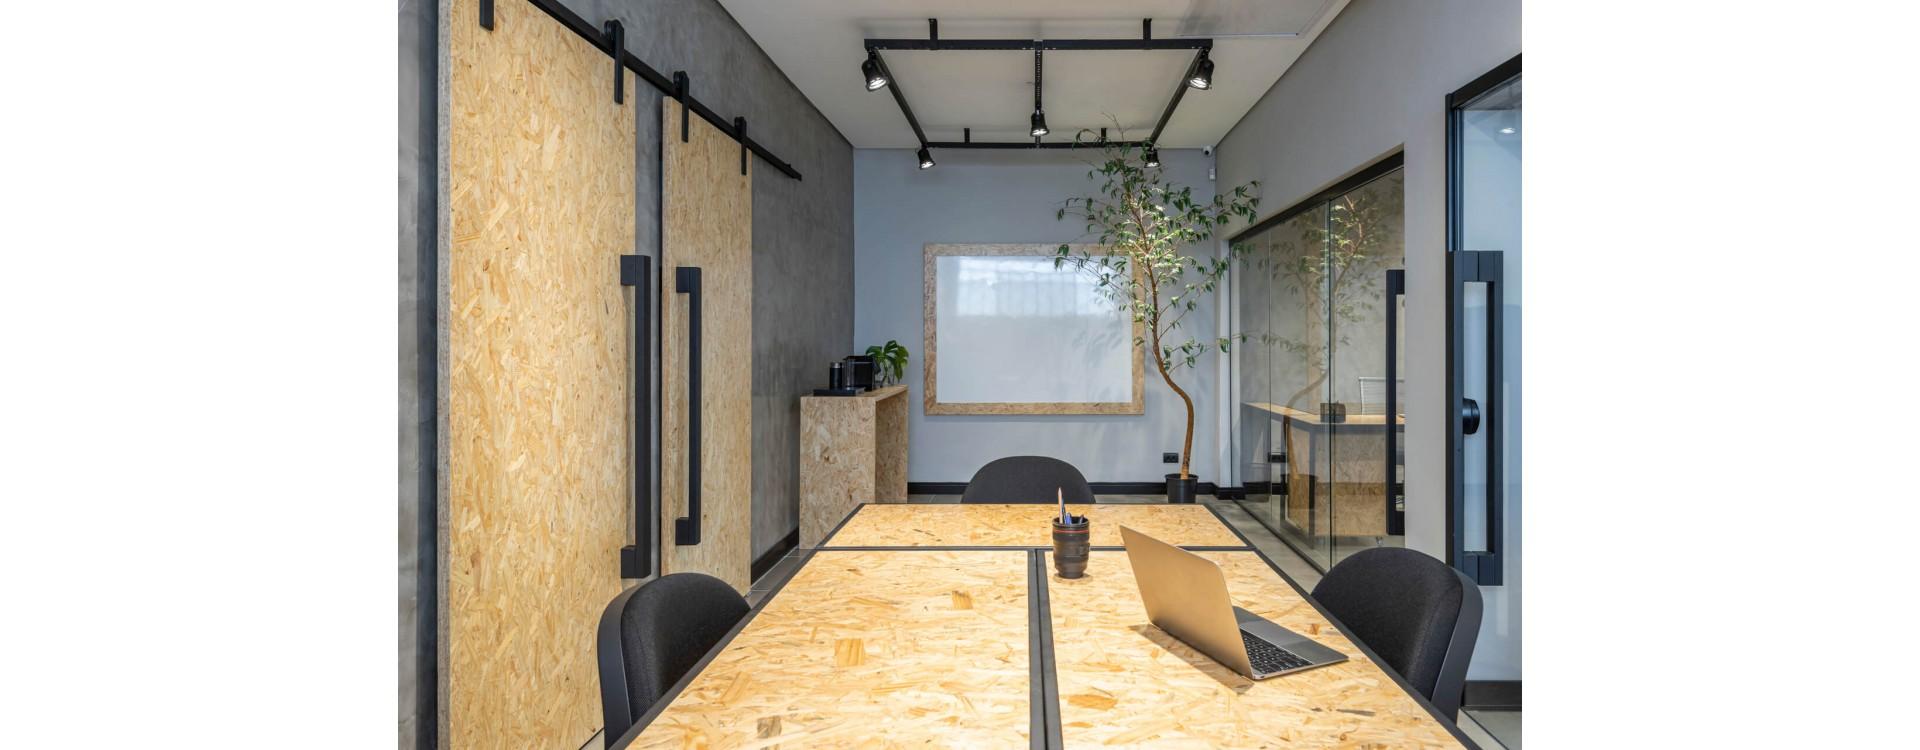 Pannelli in legno OSB: idee fantasiose per usarli nel tuo fai da te